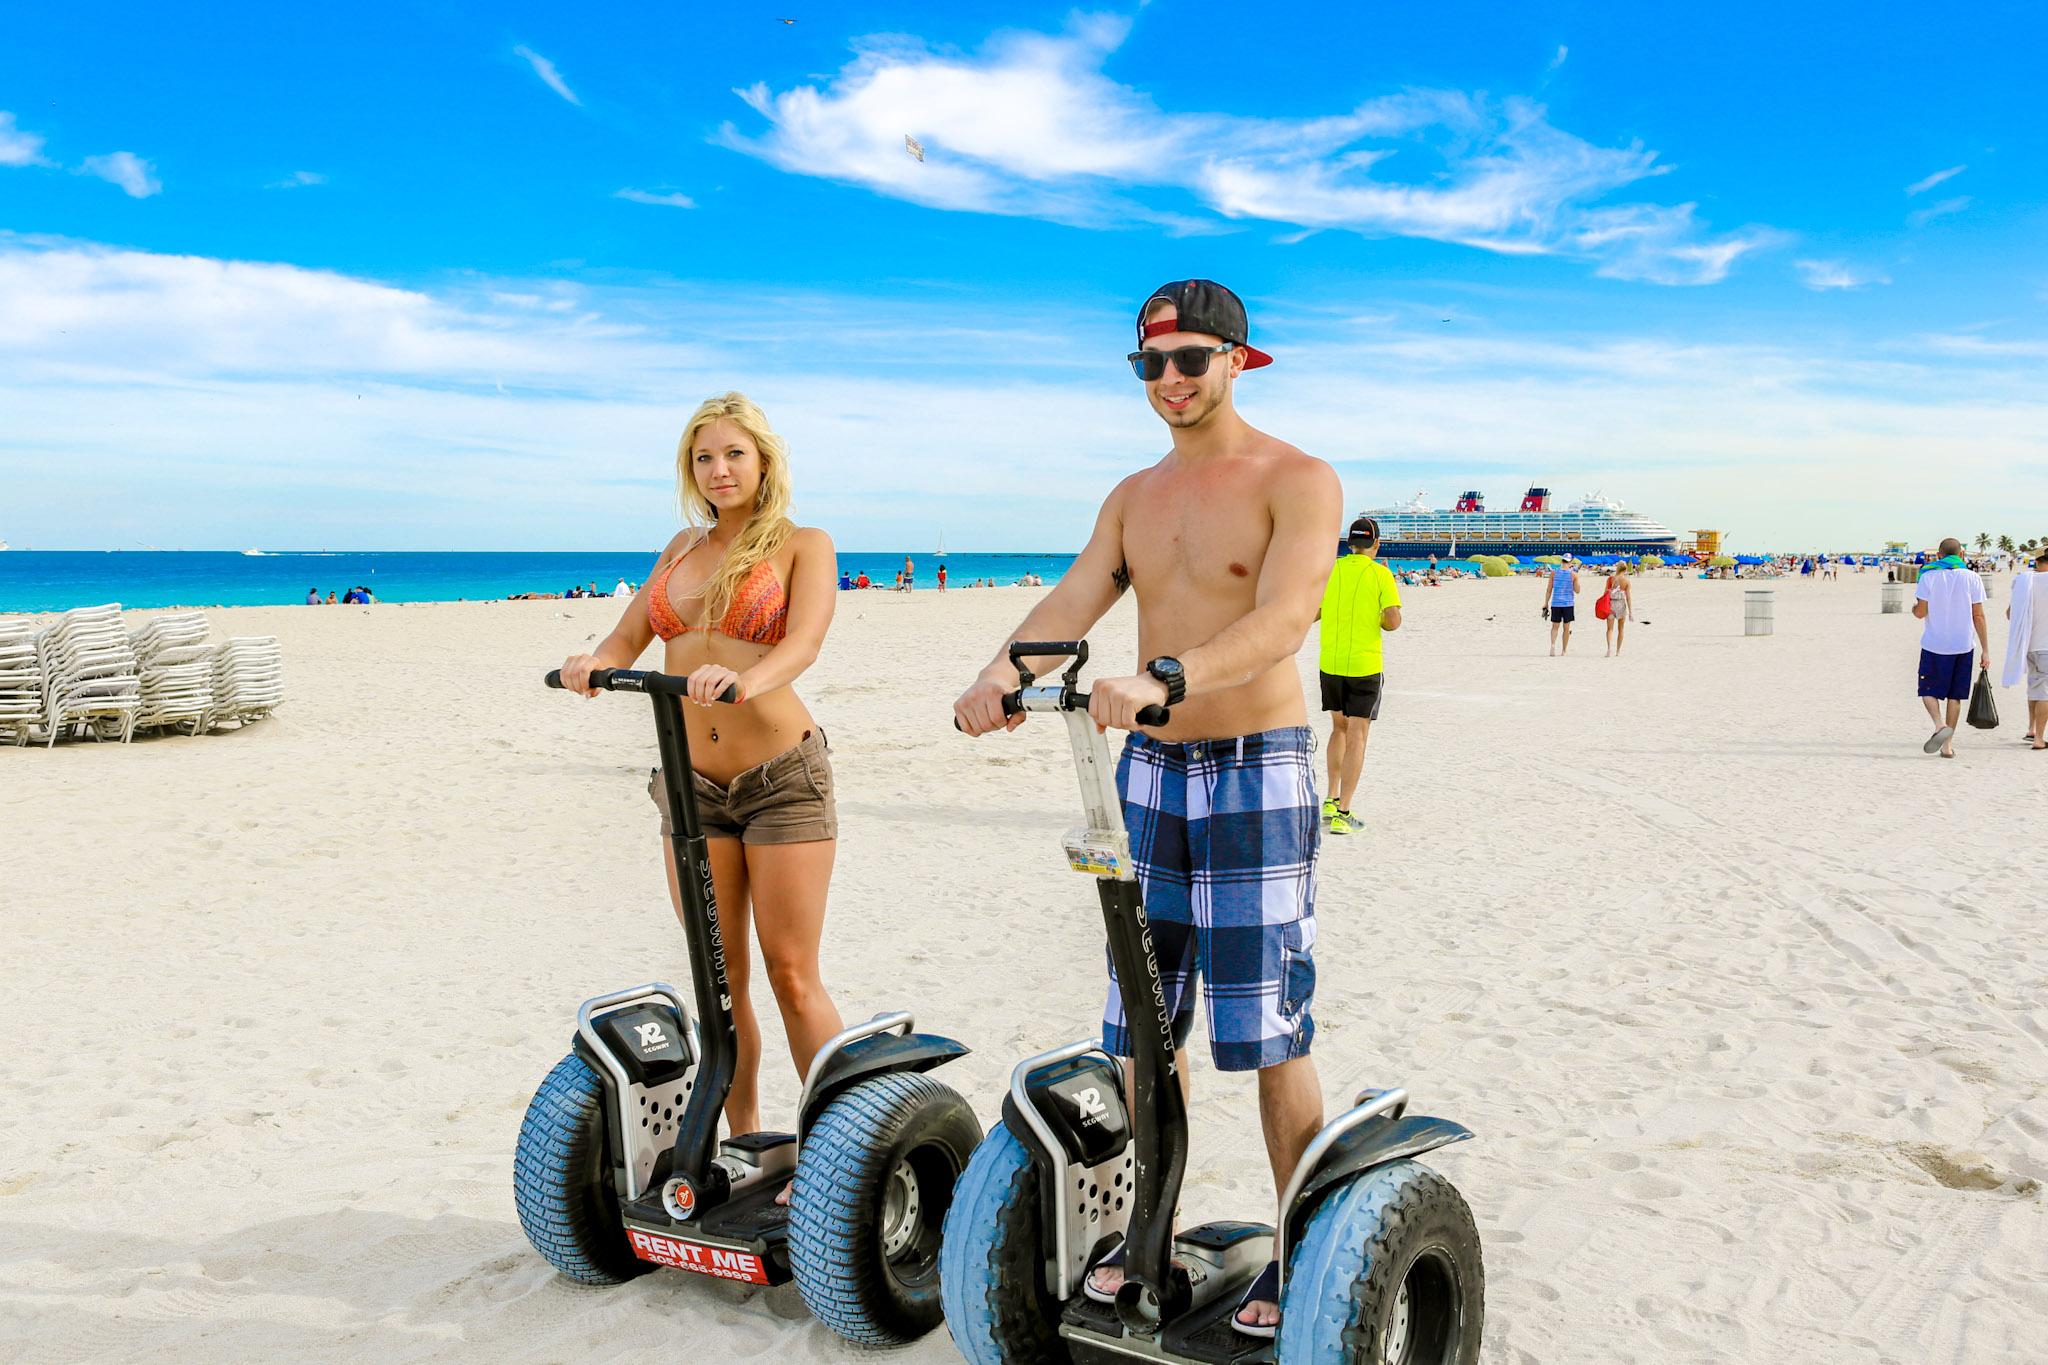 segway-tour-at-the-beach-in-miami-beach.jpg